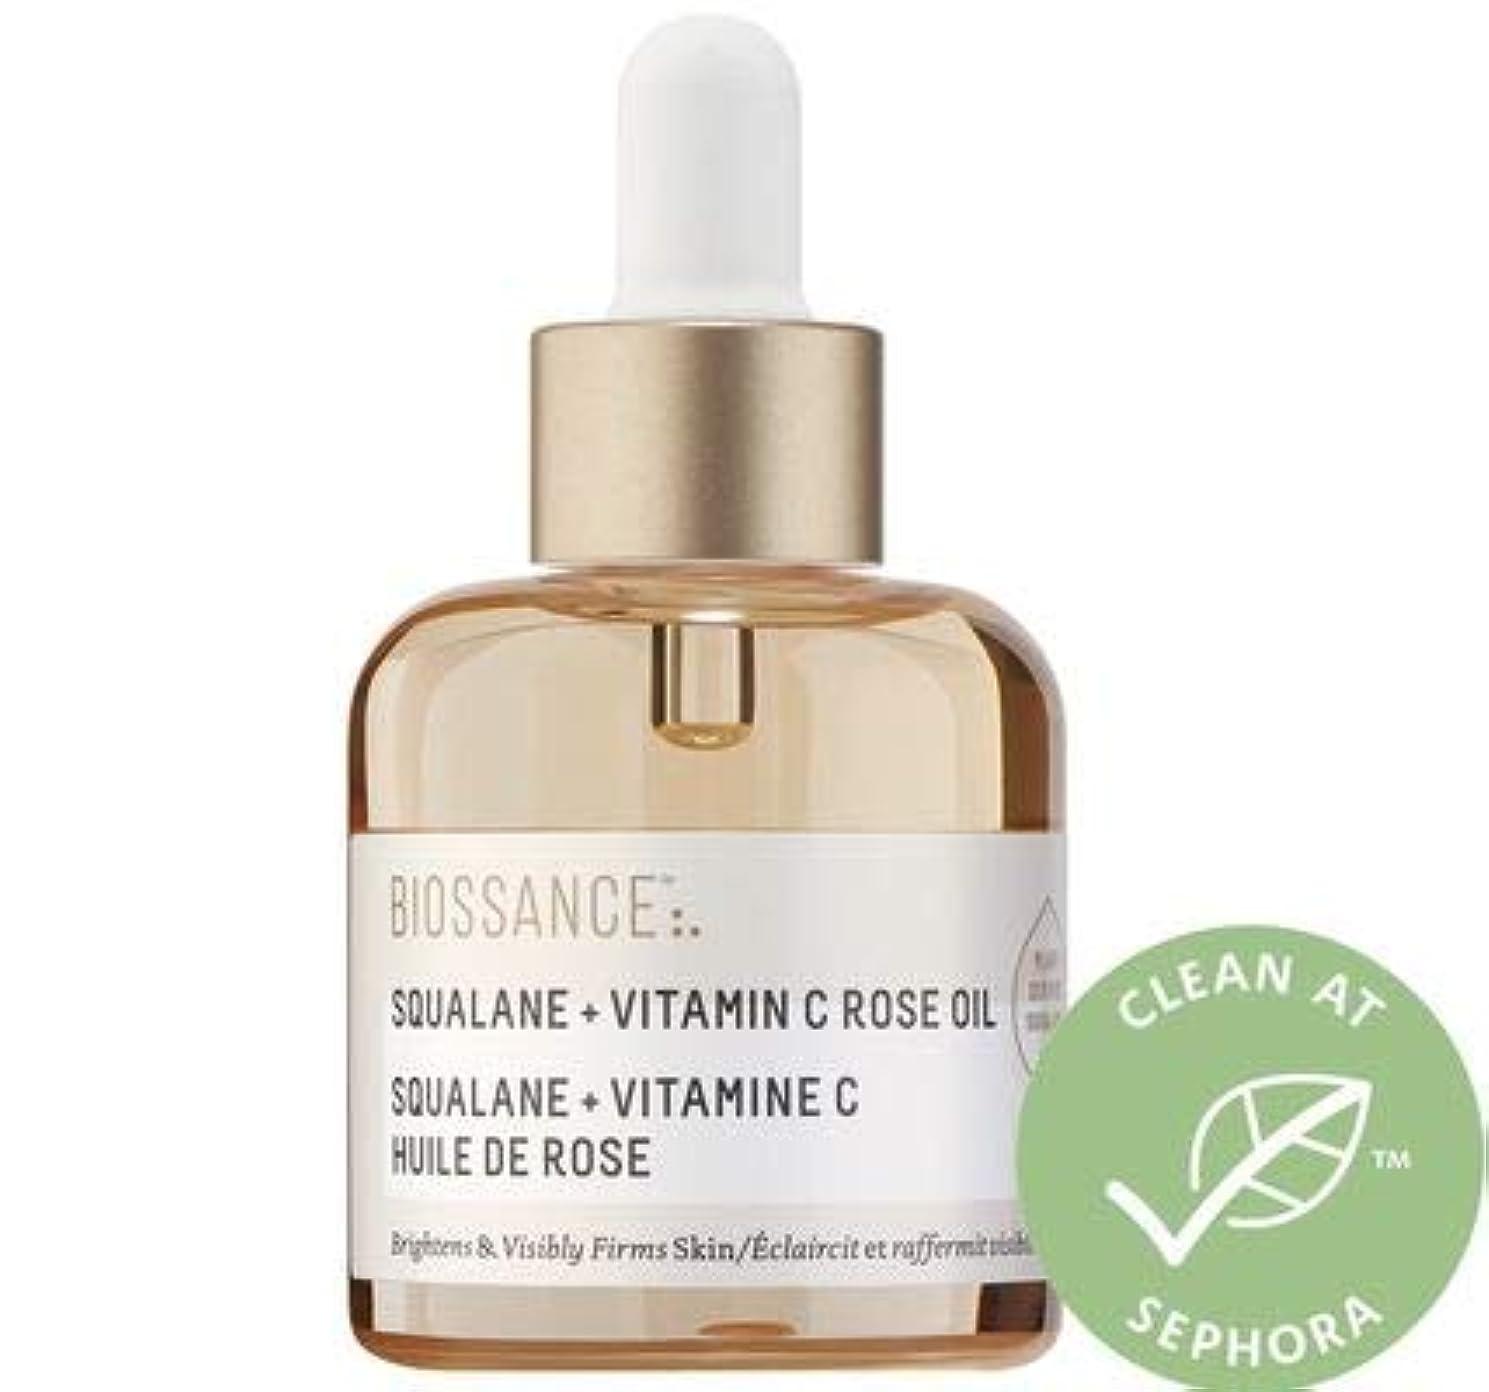 文芸地域論争の的ビオッサンス BIOSSANCE Limited Edition Squalane + Vitamin C Rose Oil 美容液 ローズ オイル スクワラン